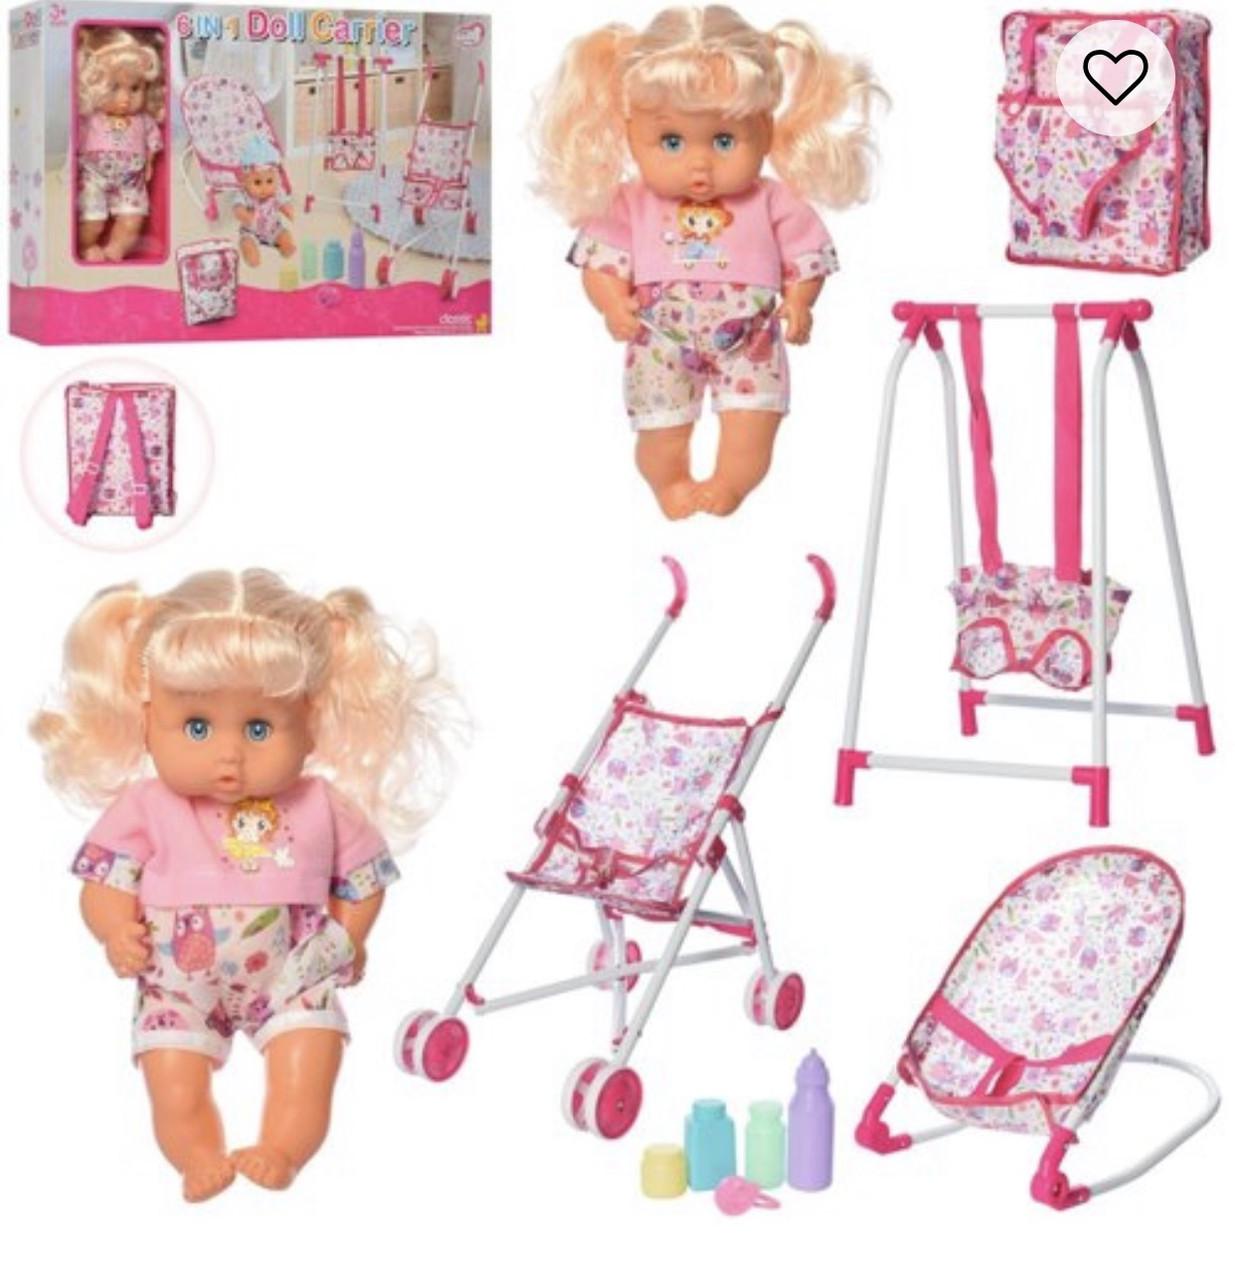 Ляльковий ігровий набір. Лялька з коляскою, гойдалок і шезлонгом. Ігровий набір.Набір для дівчаток.